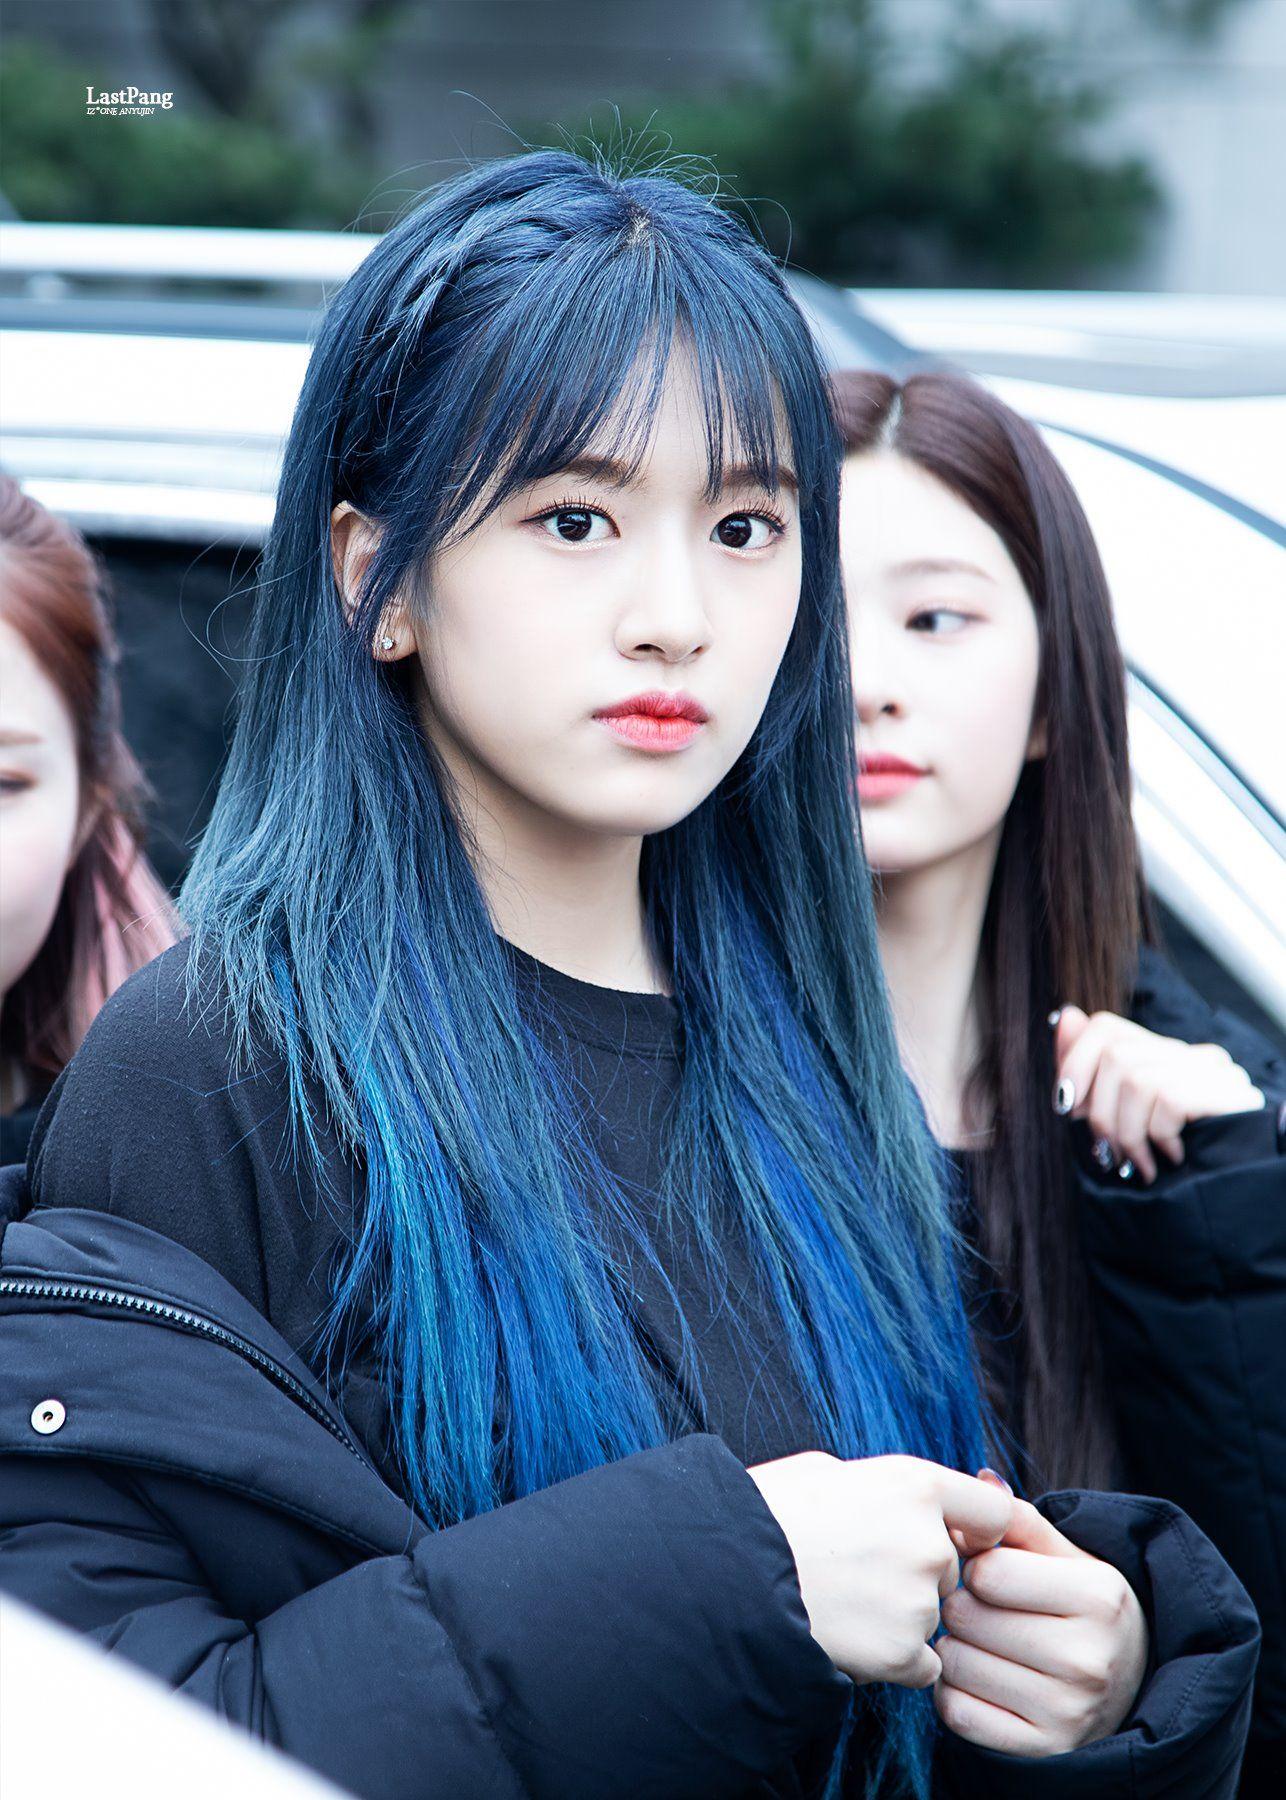 Last Pang On Twitter In 2020 Kpop Girls Blue Hair Korean Celebrities